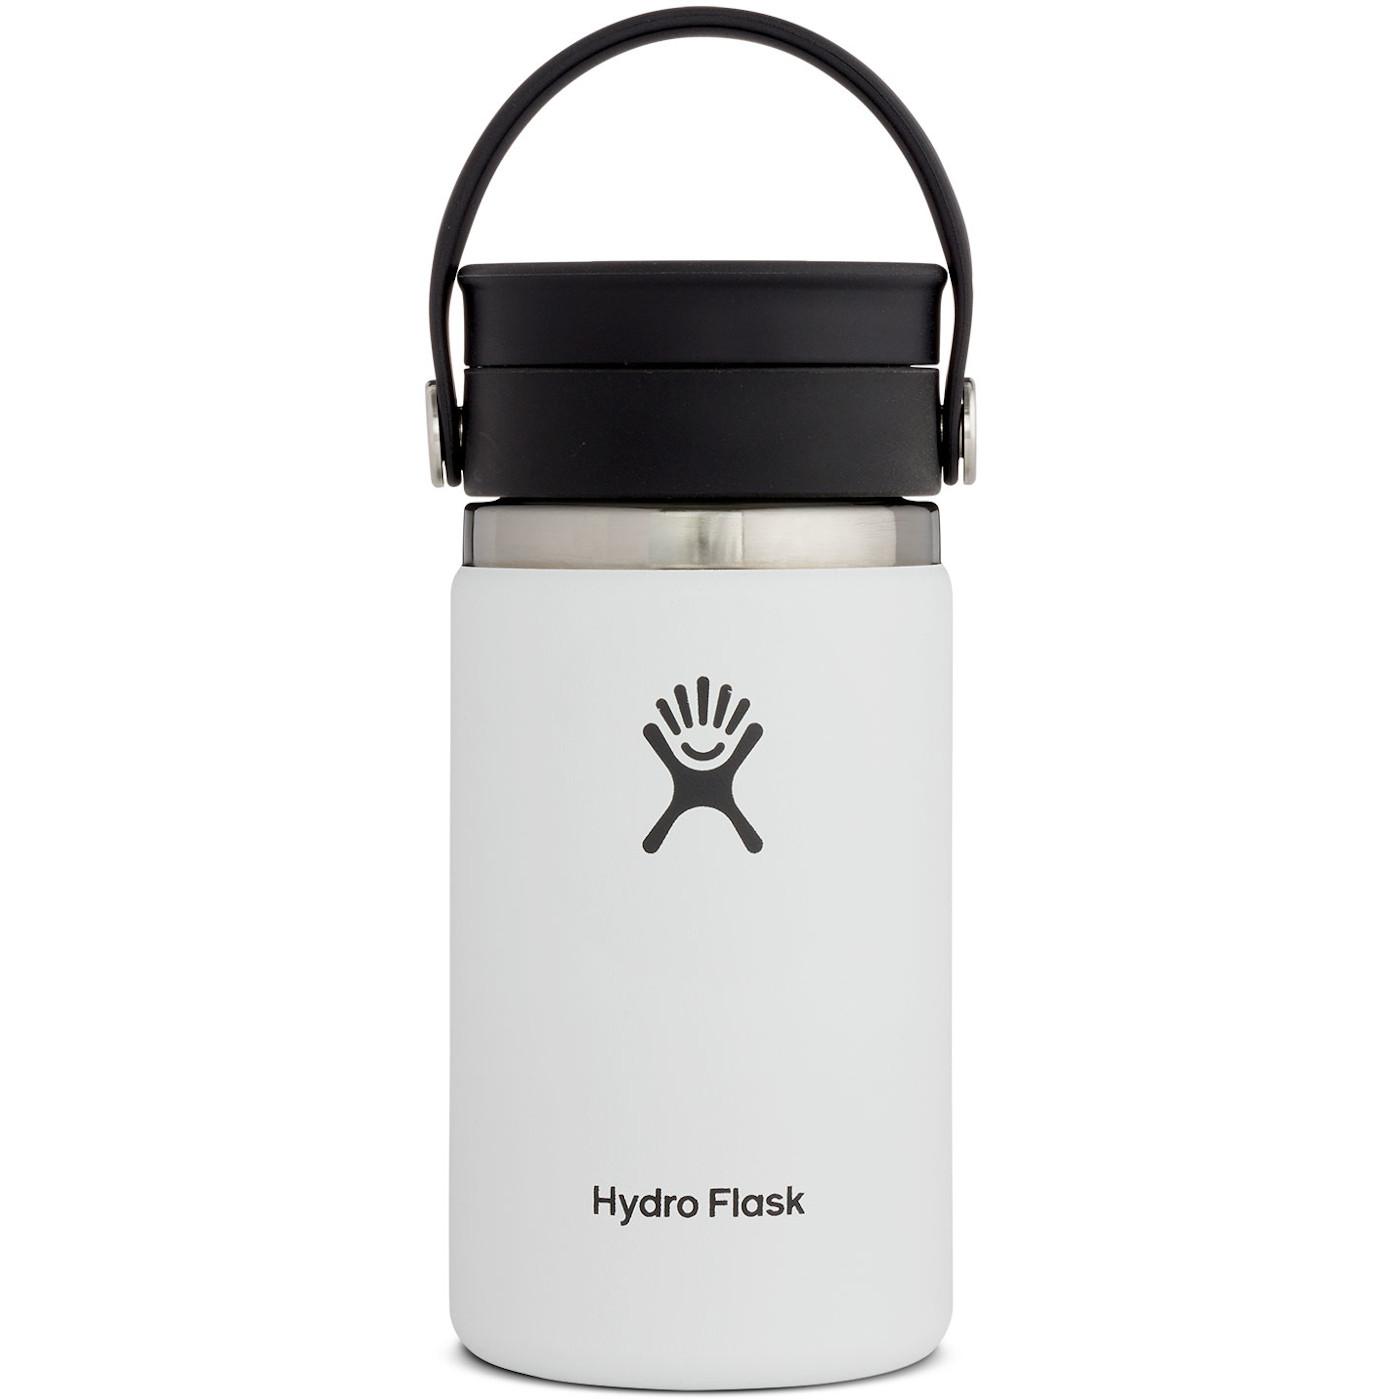 Hydro Flask 12 oz Wide Mouth Coffee Kaffeebecher mit Flex Sip Deckel - 354 ml - White